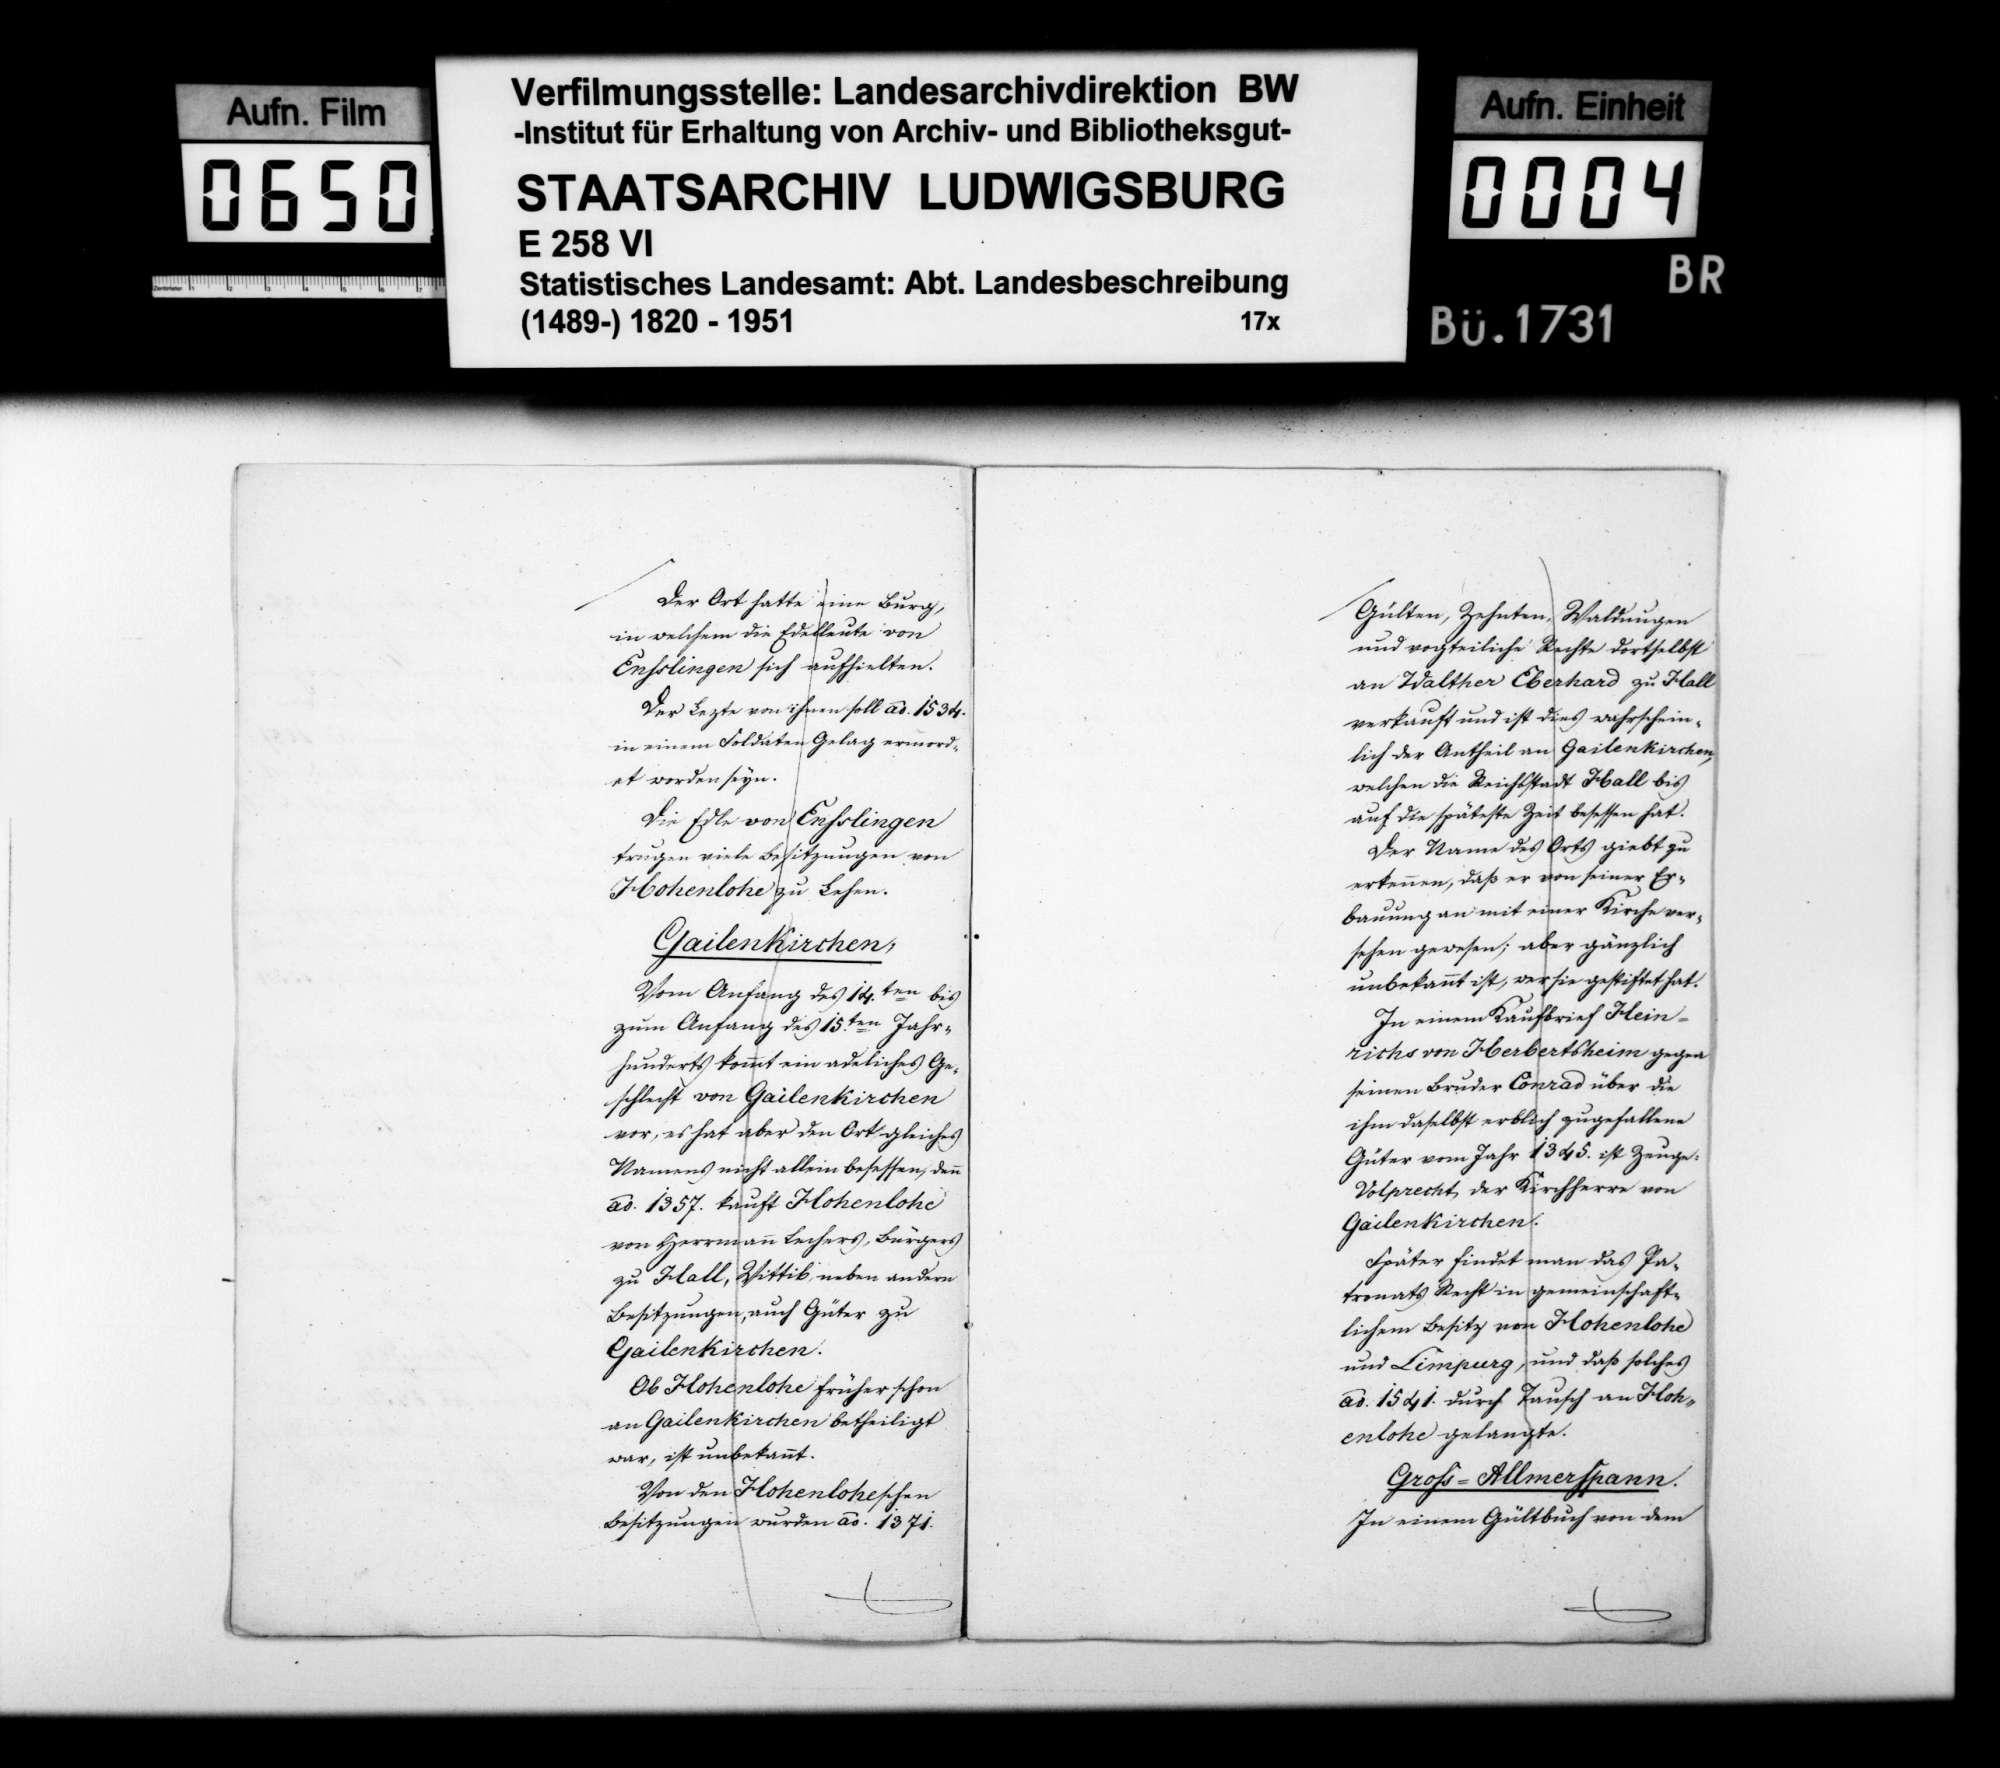 Abhandlung zum Adel und zur Besitzgeschichte einiger Orte im Oberamt, Bild 3